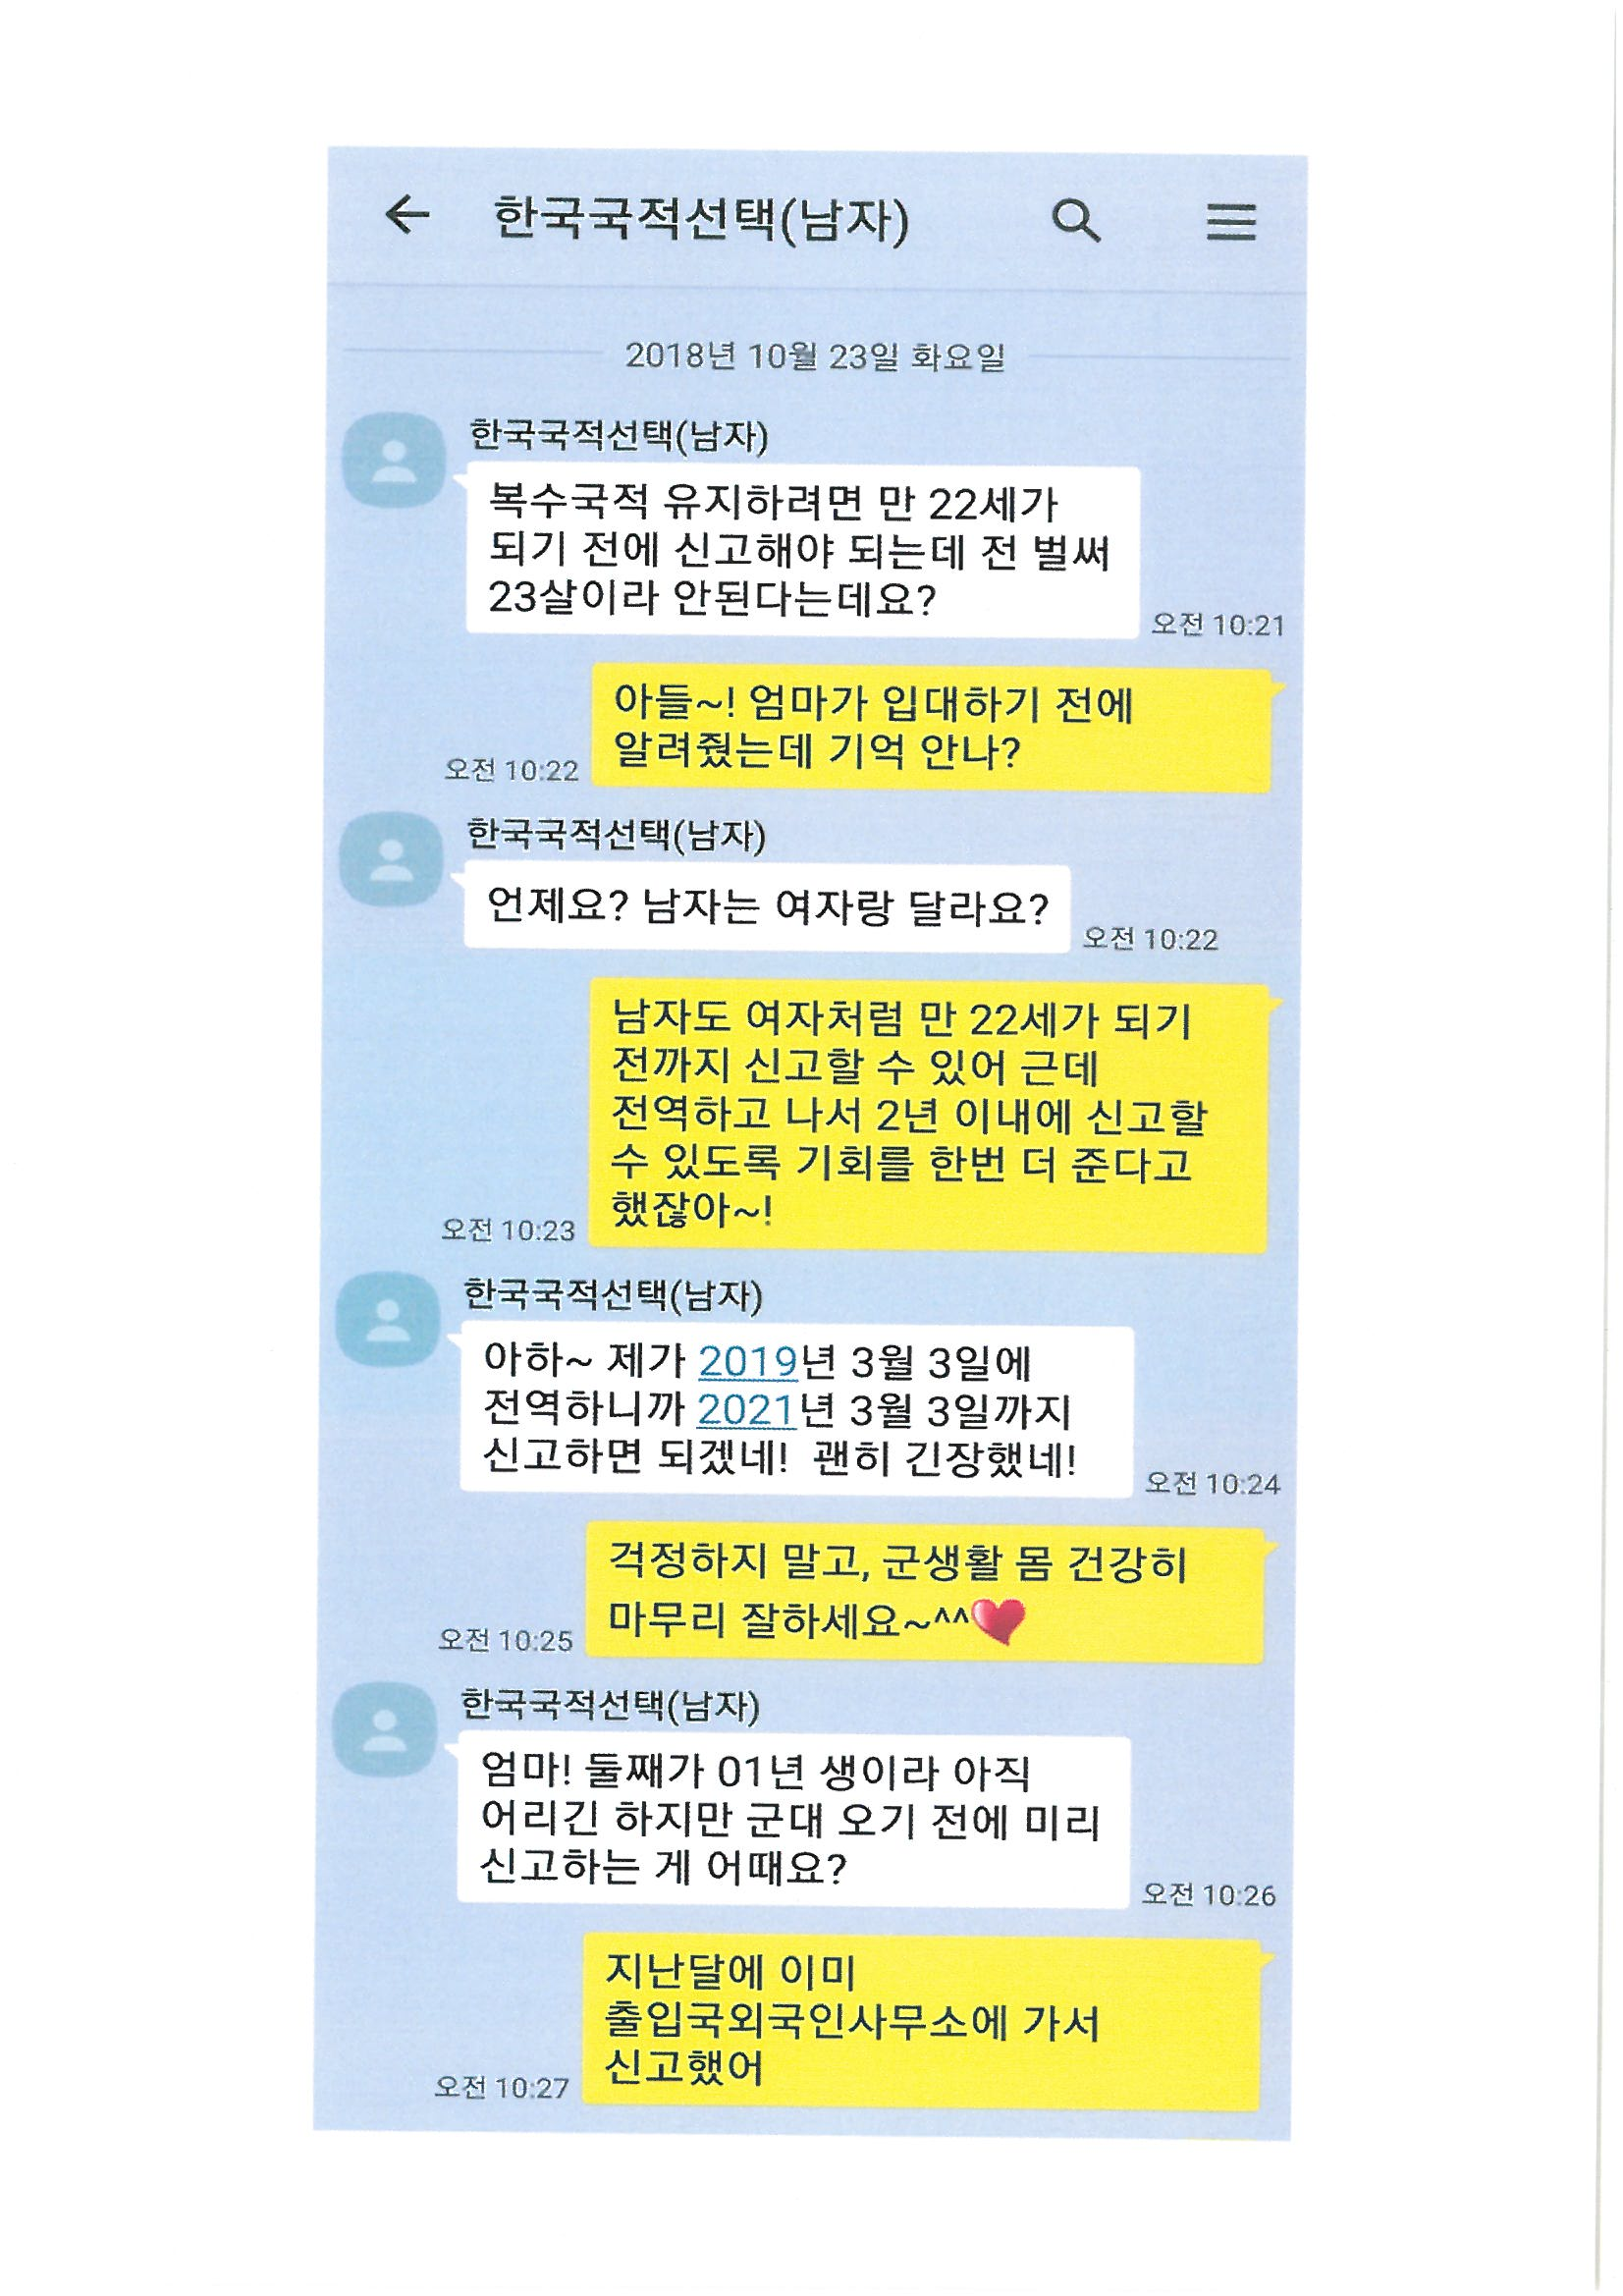 국적선택 홍보 자료(한인회장님)_페이지_08.jpg